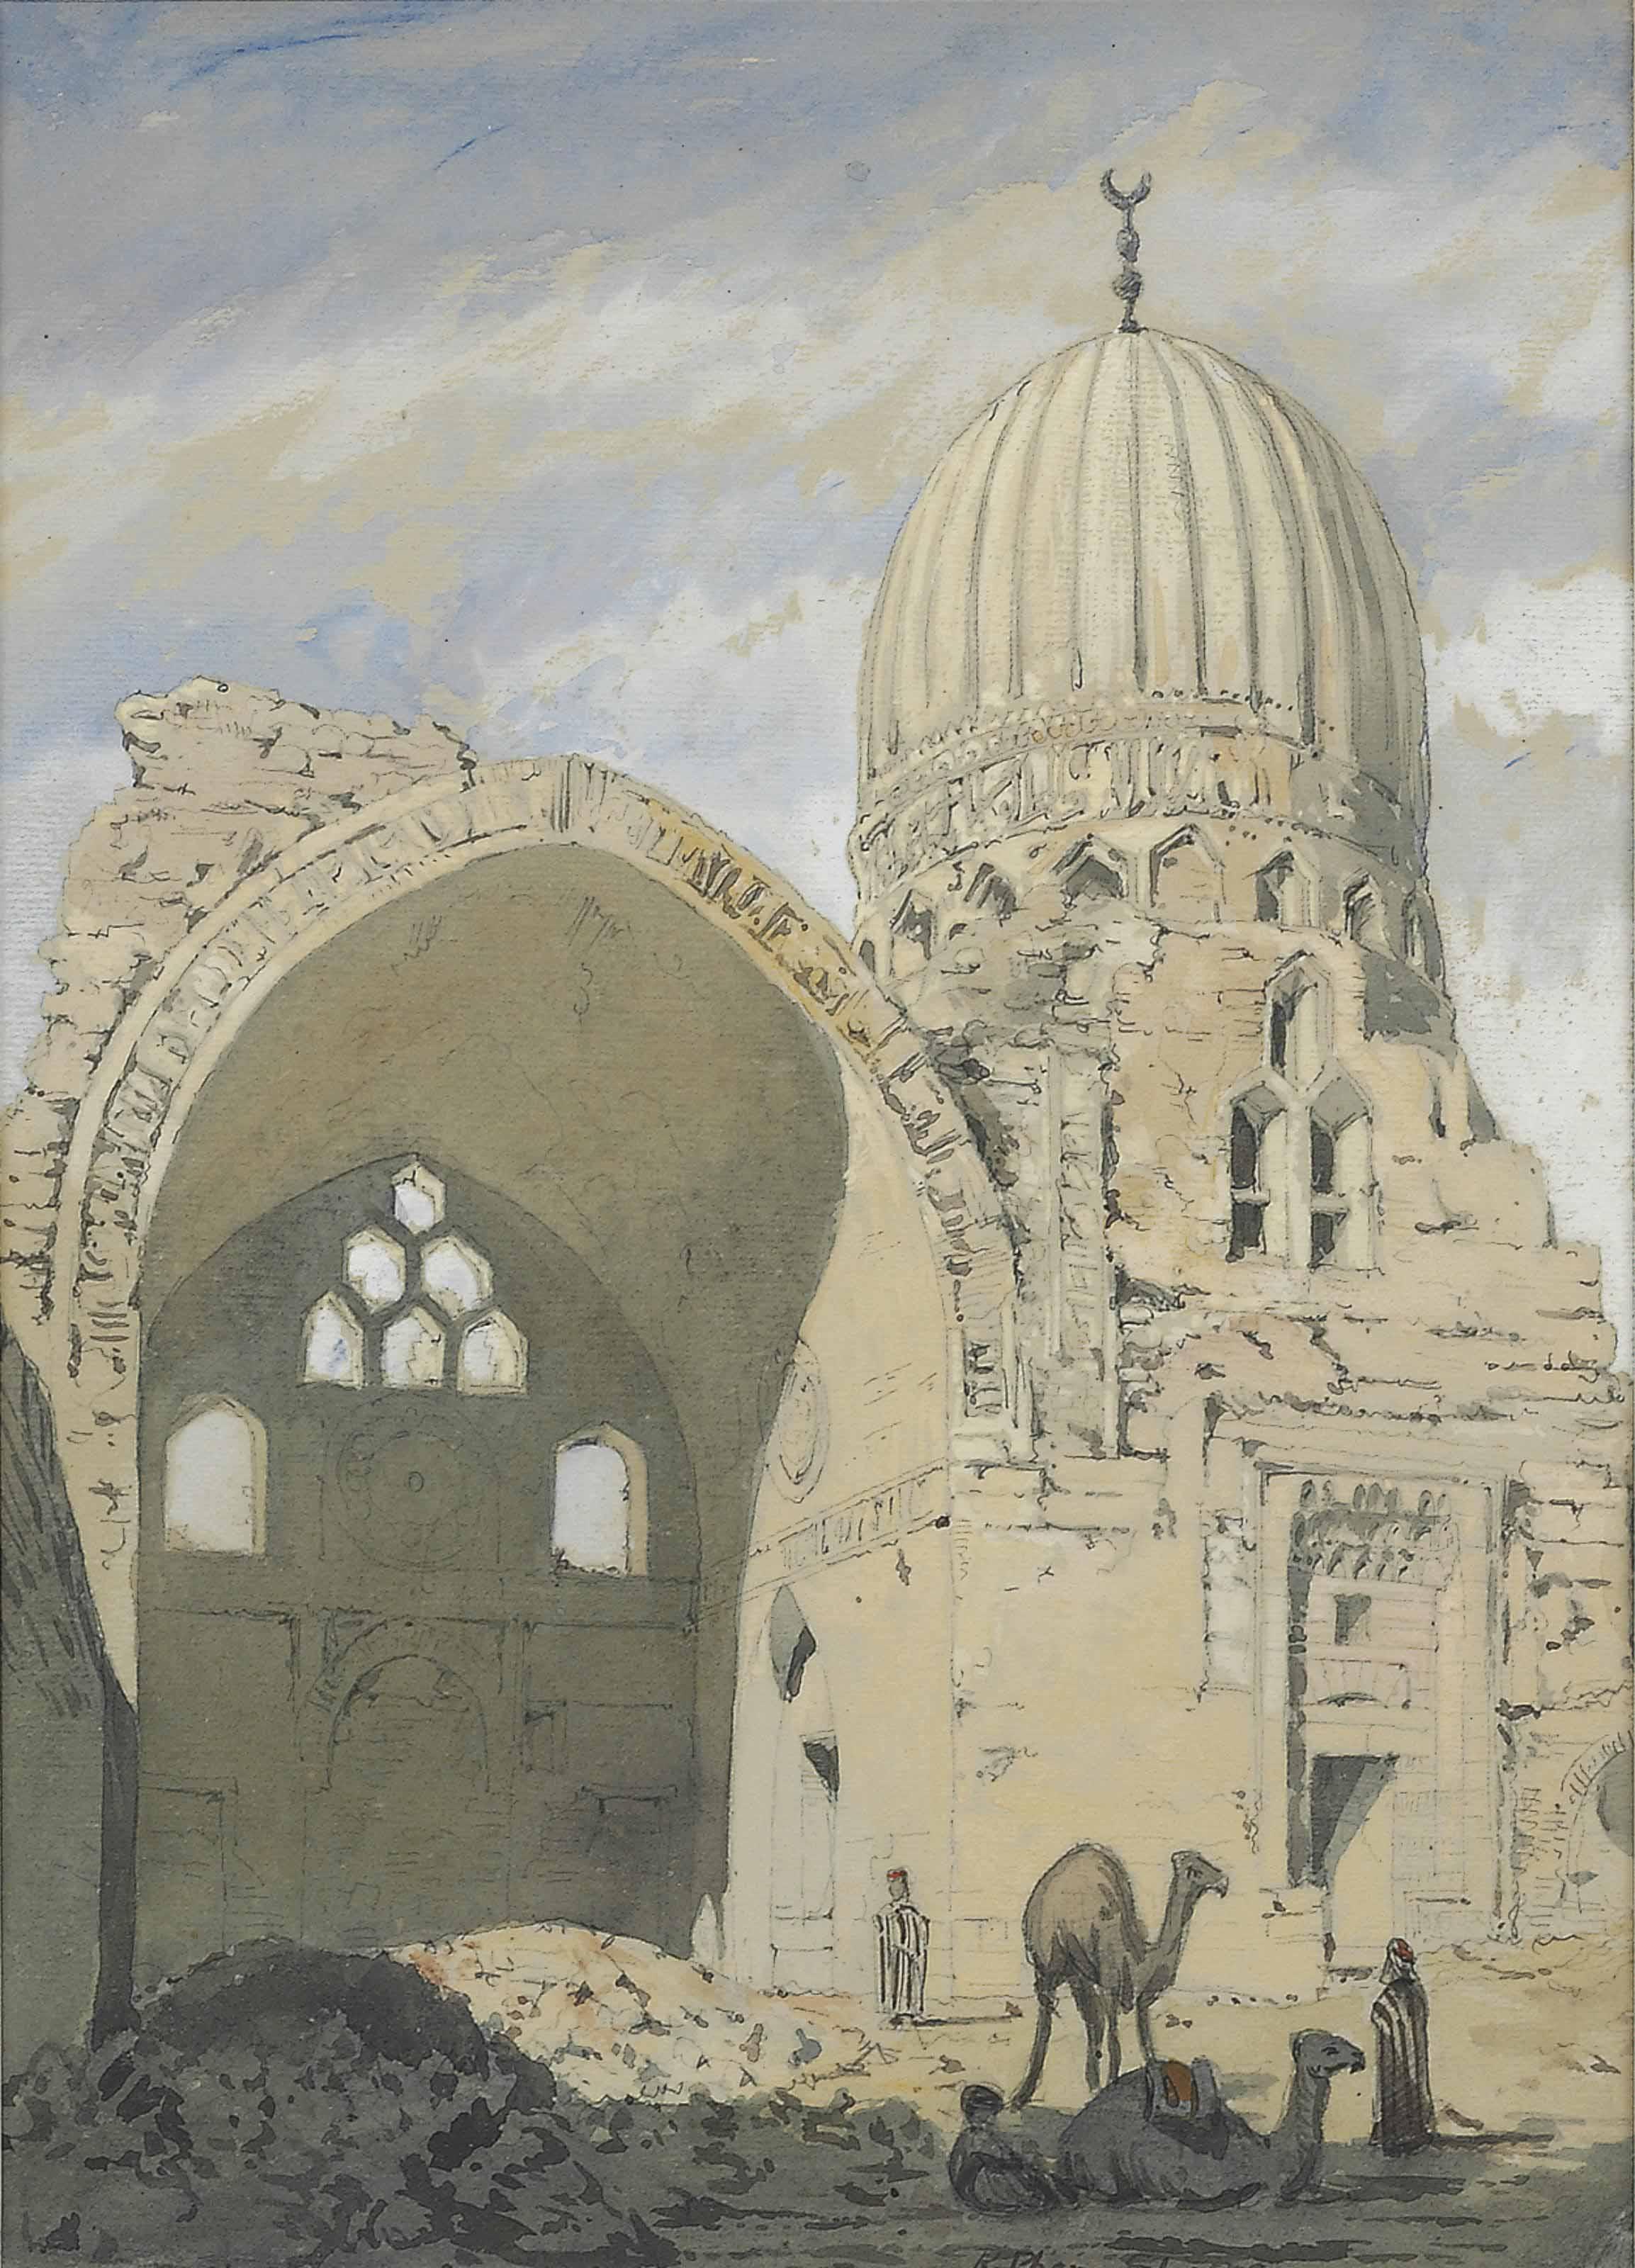 Tombs of the Memlook Kings, Cairo